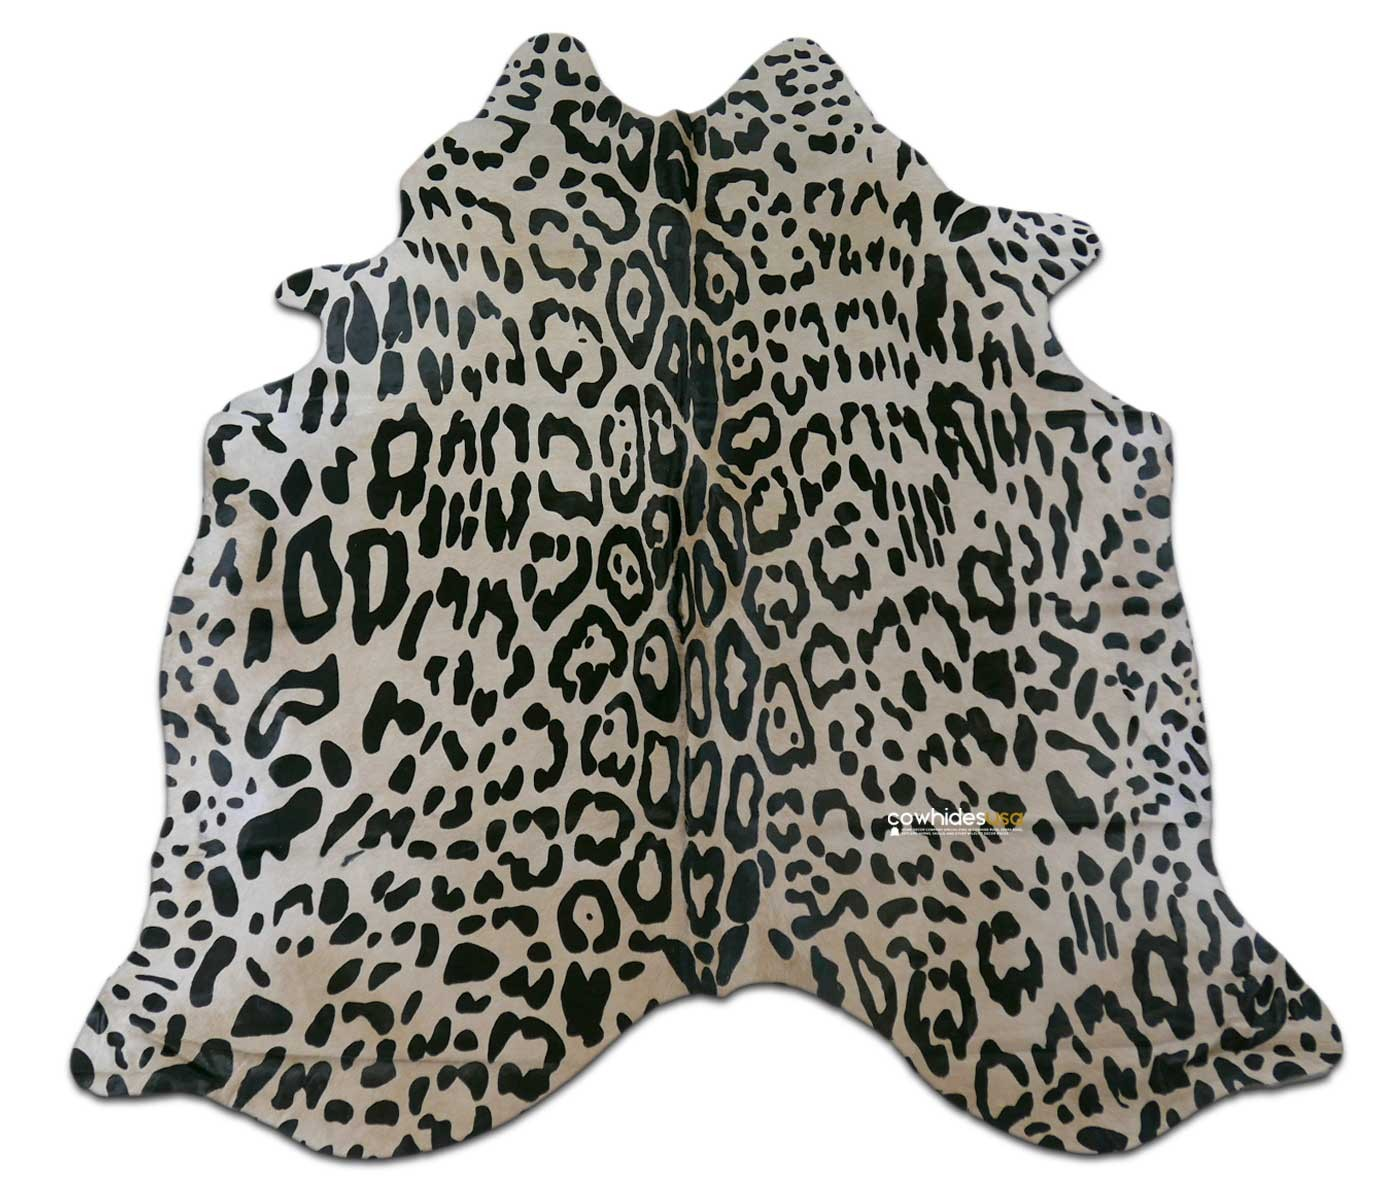 Jaguar Print Cowhide Rug Size: ~6' x 6' ft Jaguar on Off-White Print Cow Hide